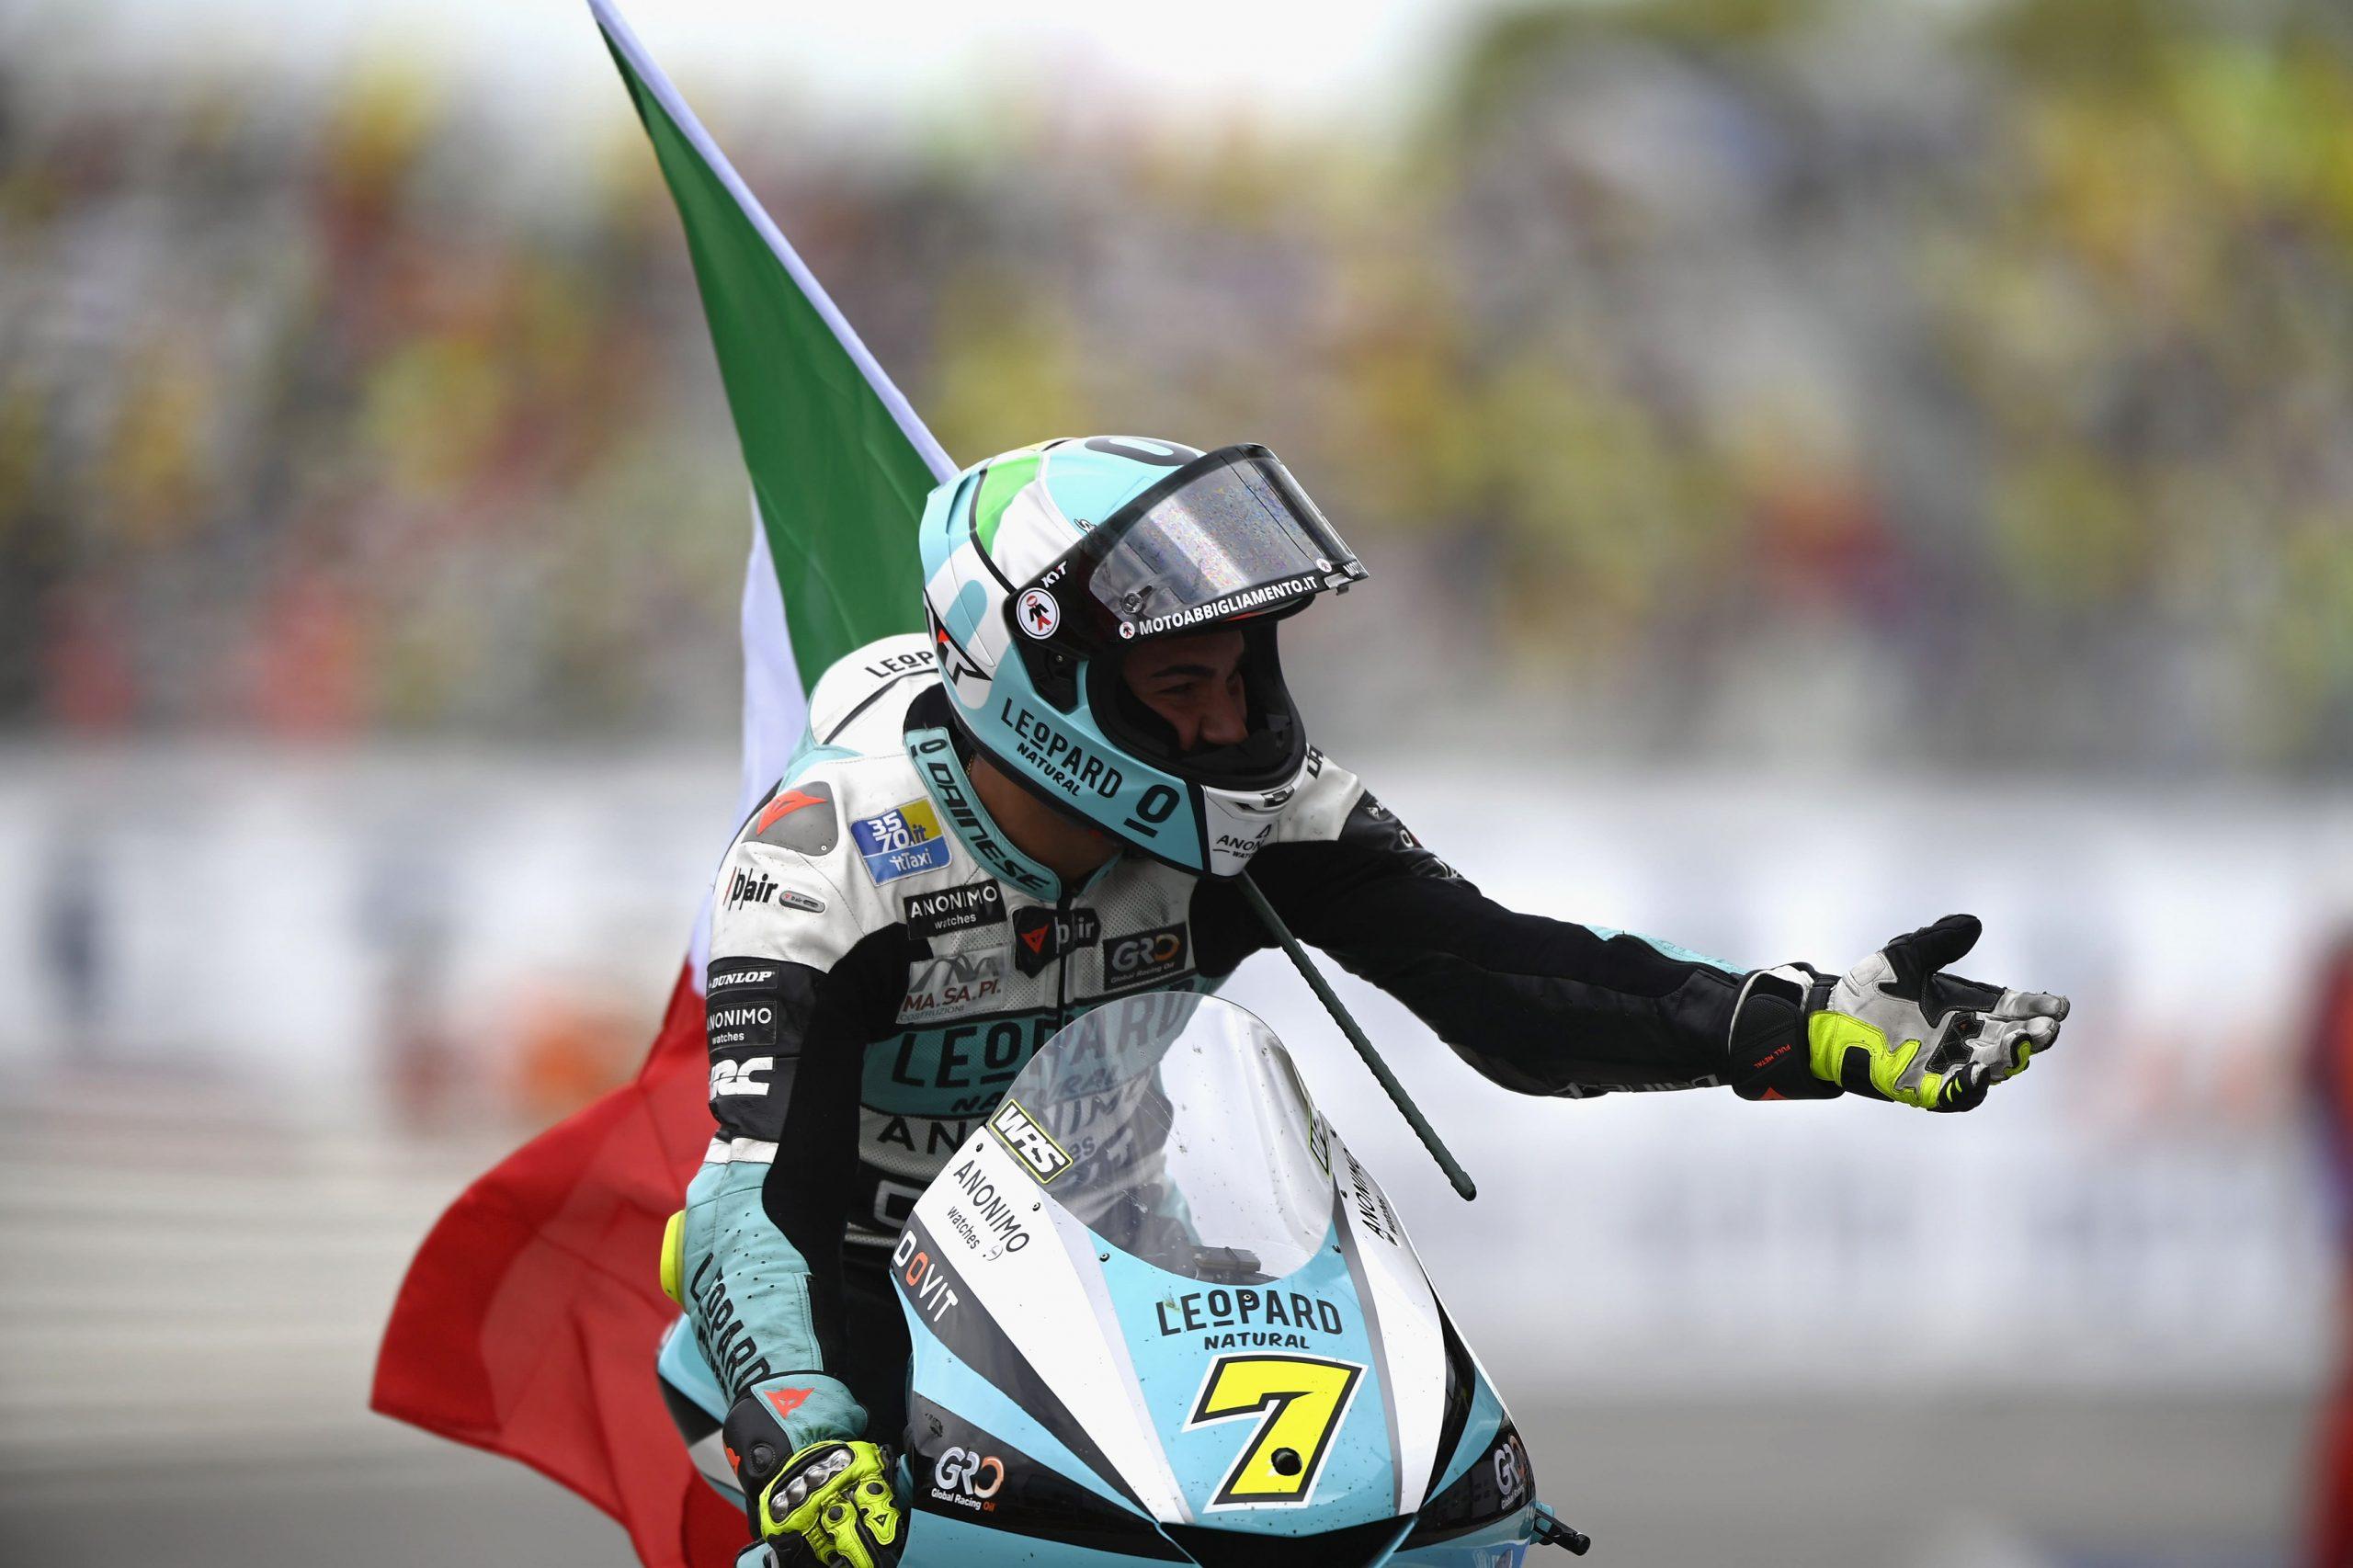 Dennis Foggia gana una espectacular carrera en que Pedro Acosta consigue limitar daños